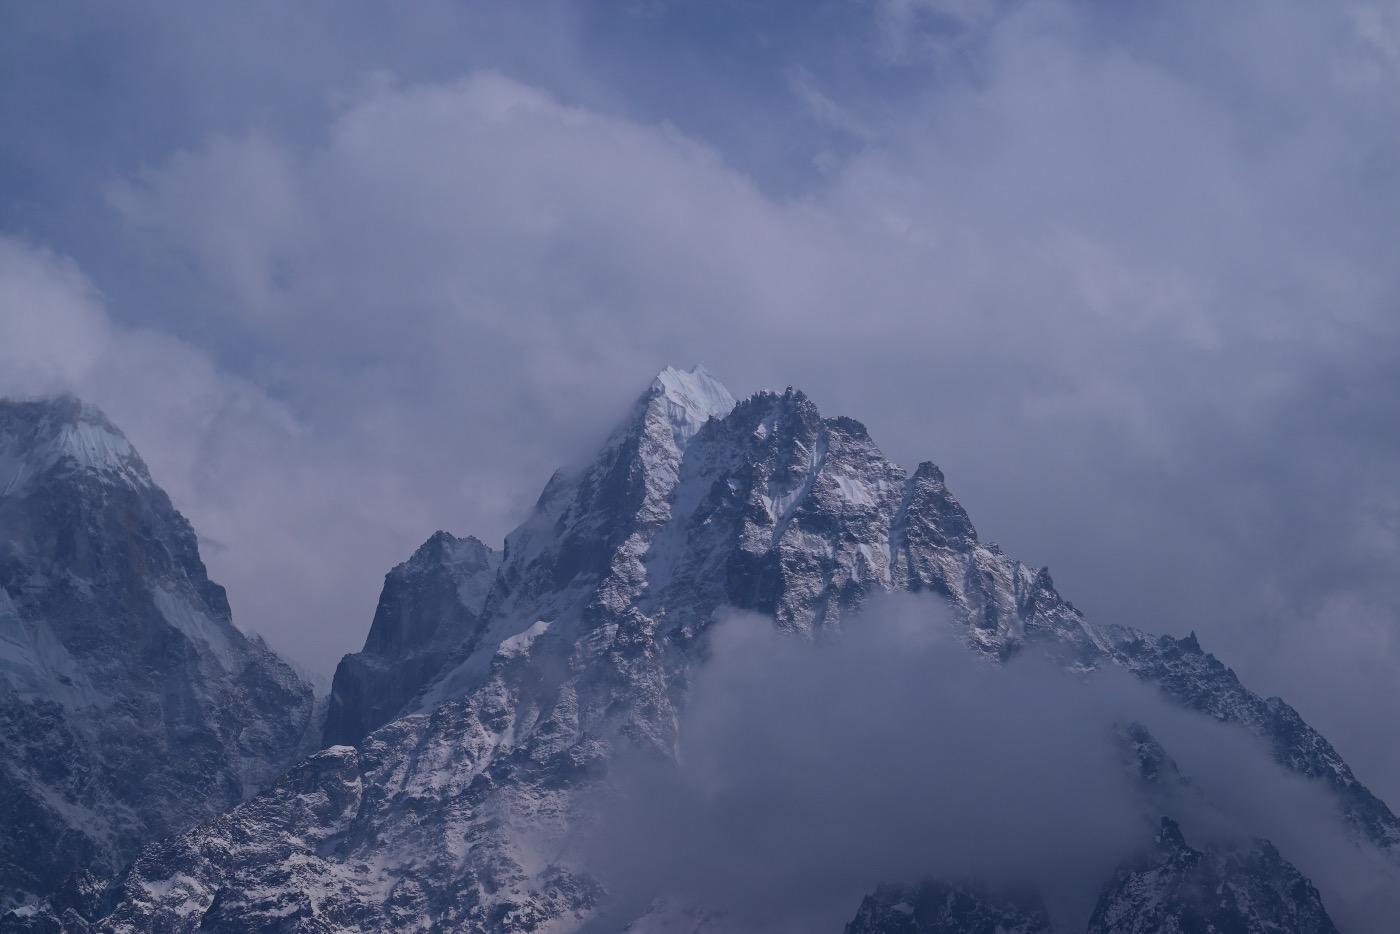 Один в гостях у Канченджанги : треккинг к третьей вершине мира с северной и южной стороны в весеннем сезоне 2021 года.